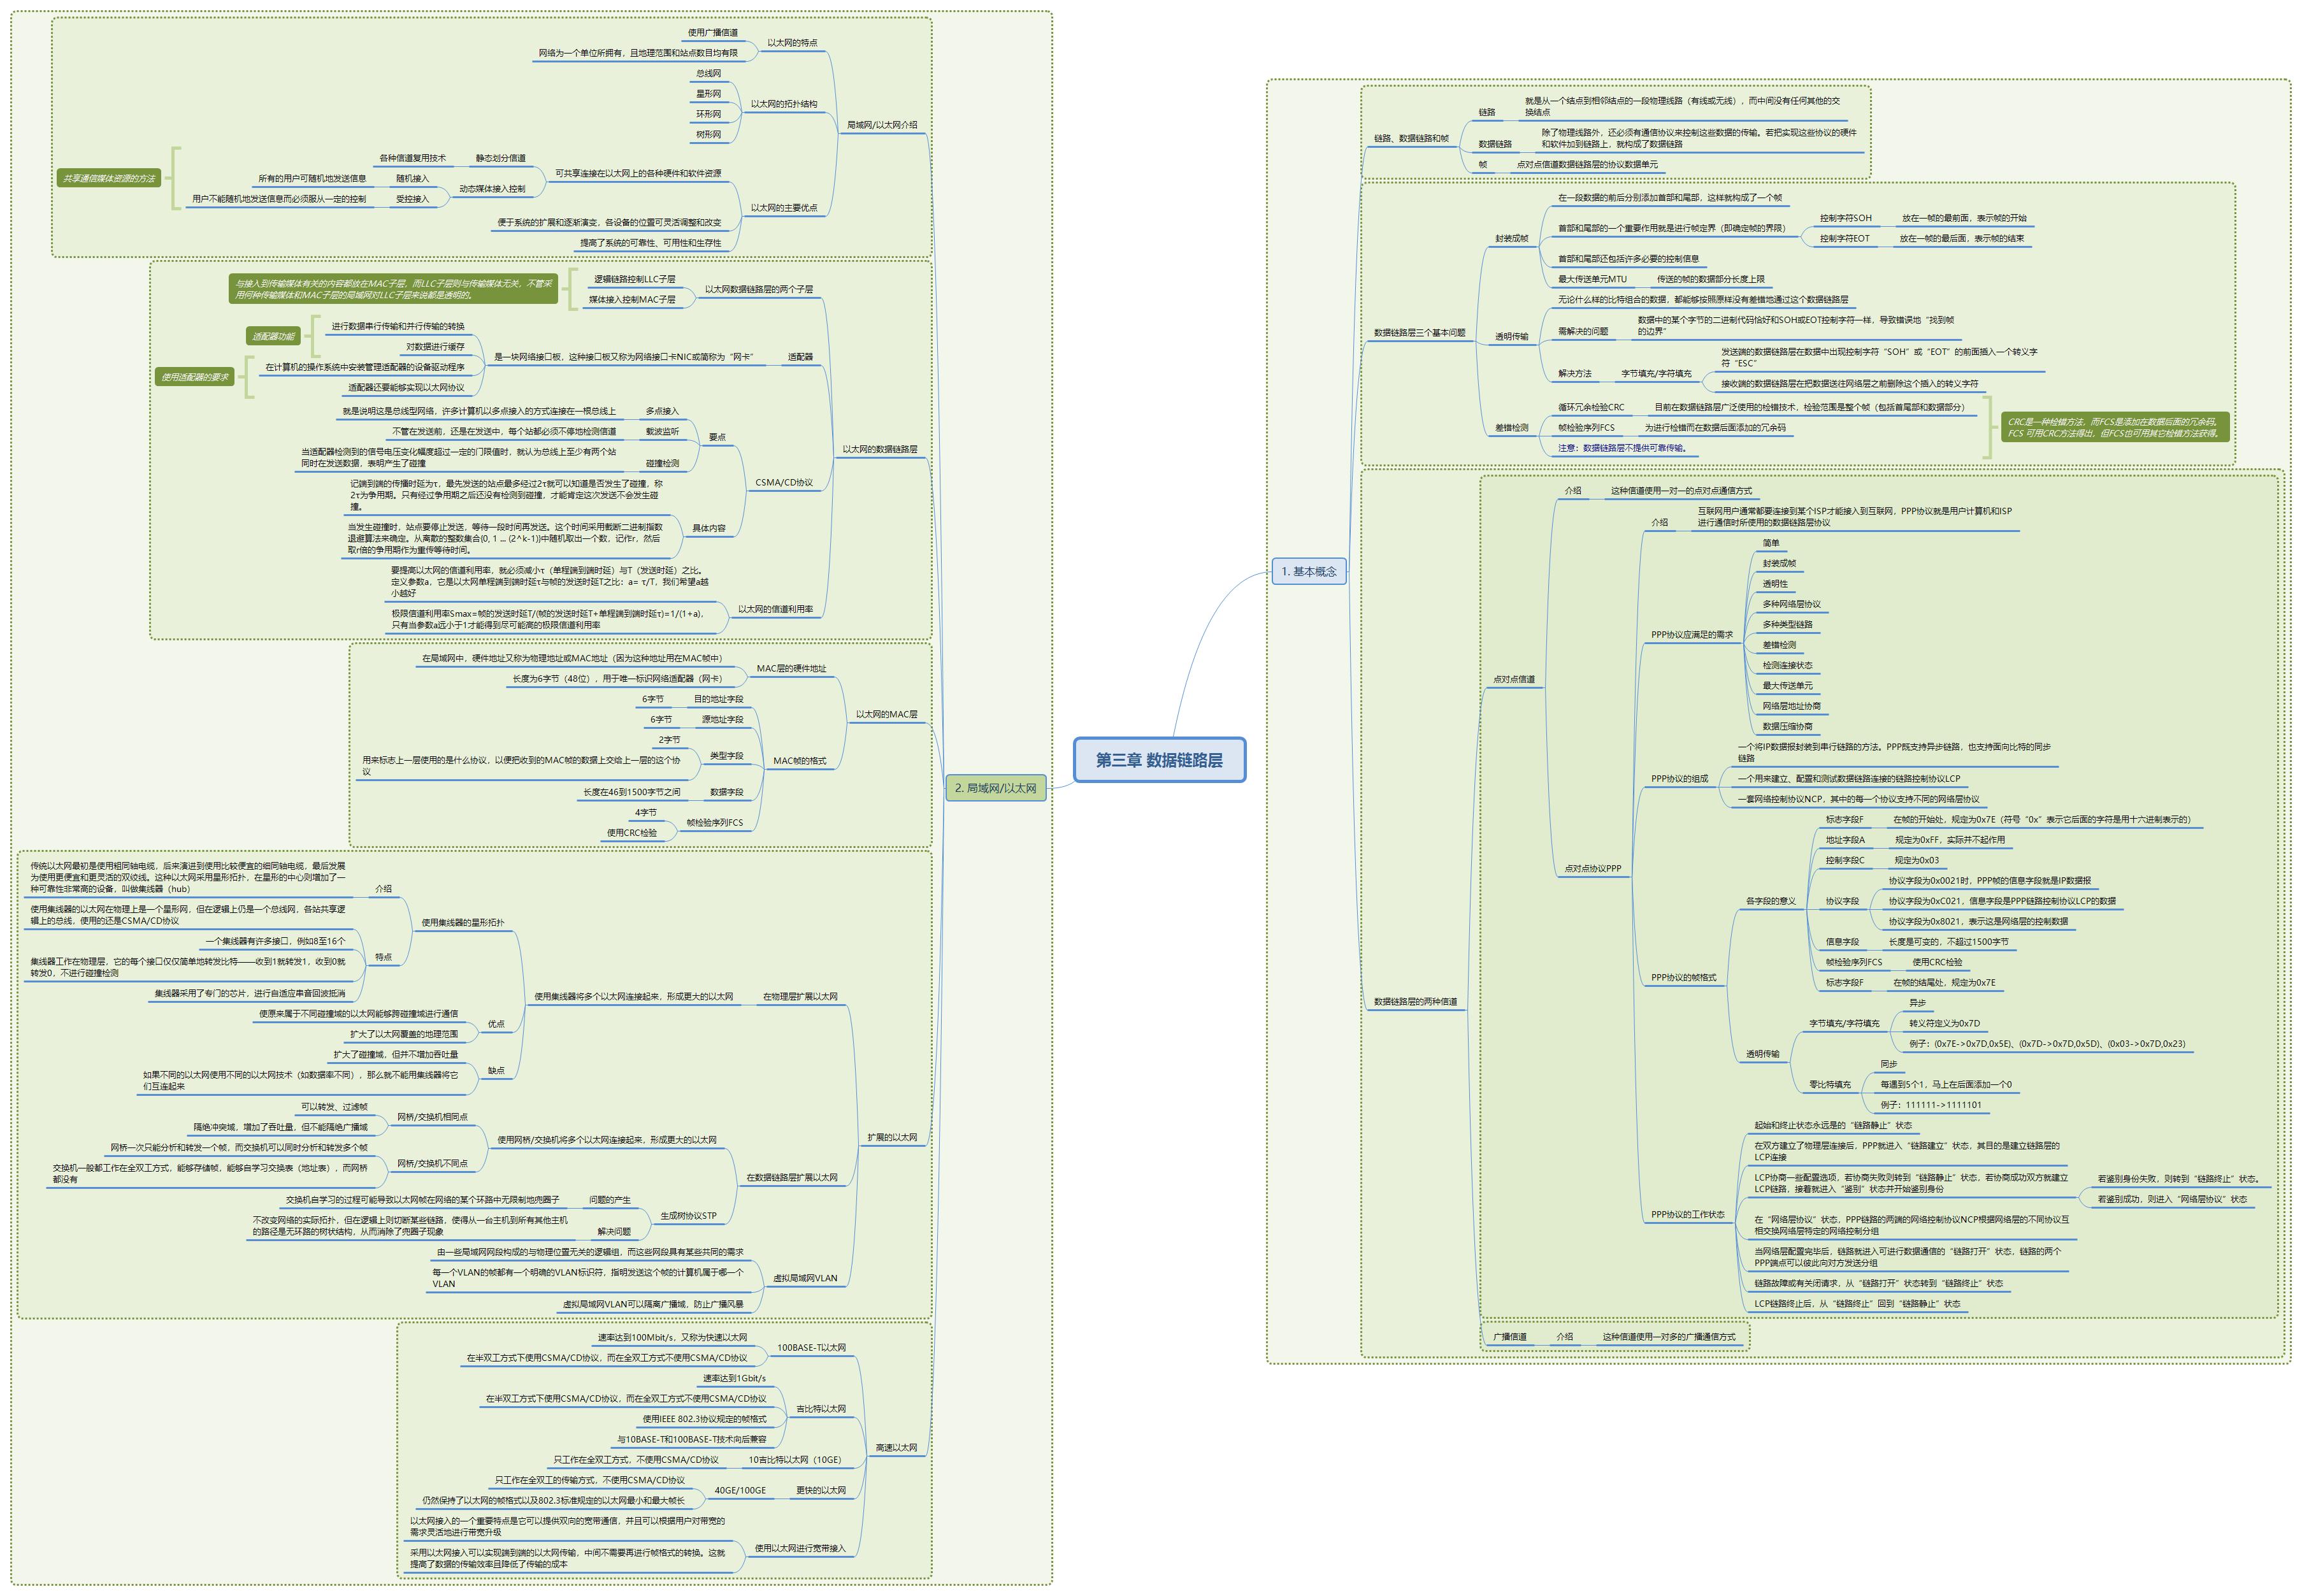 第三章 数据链路层